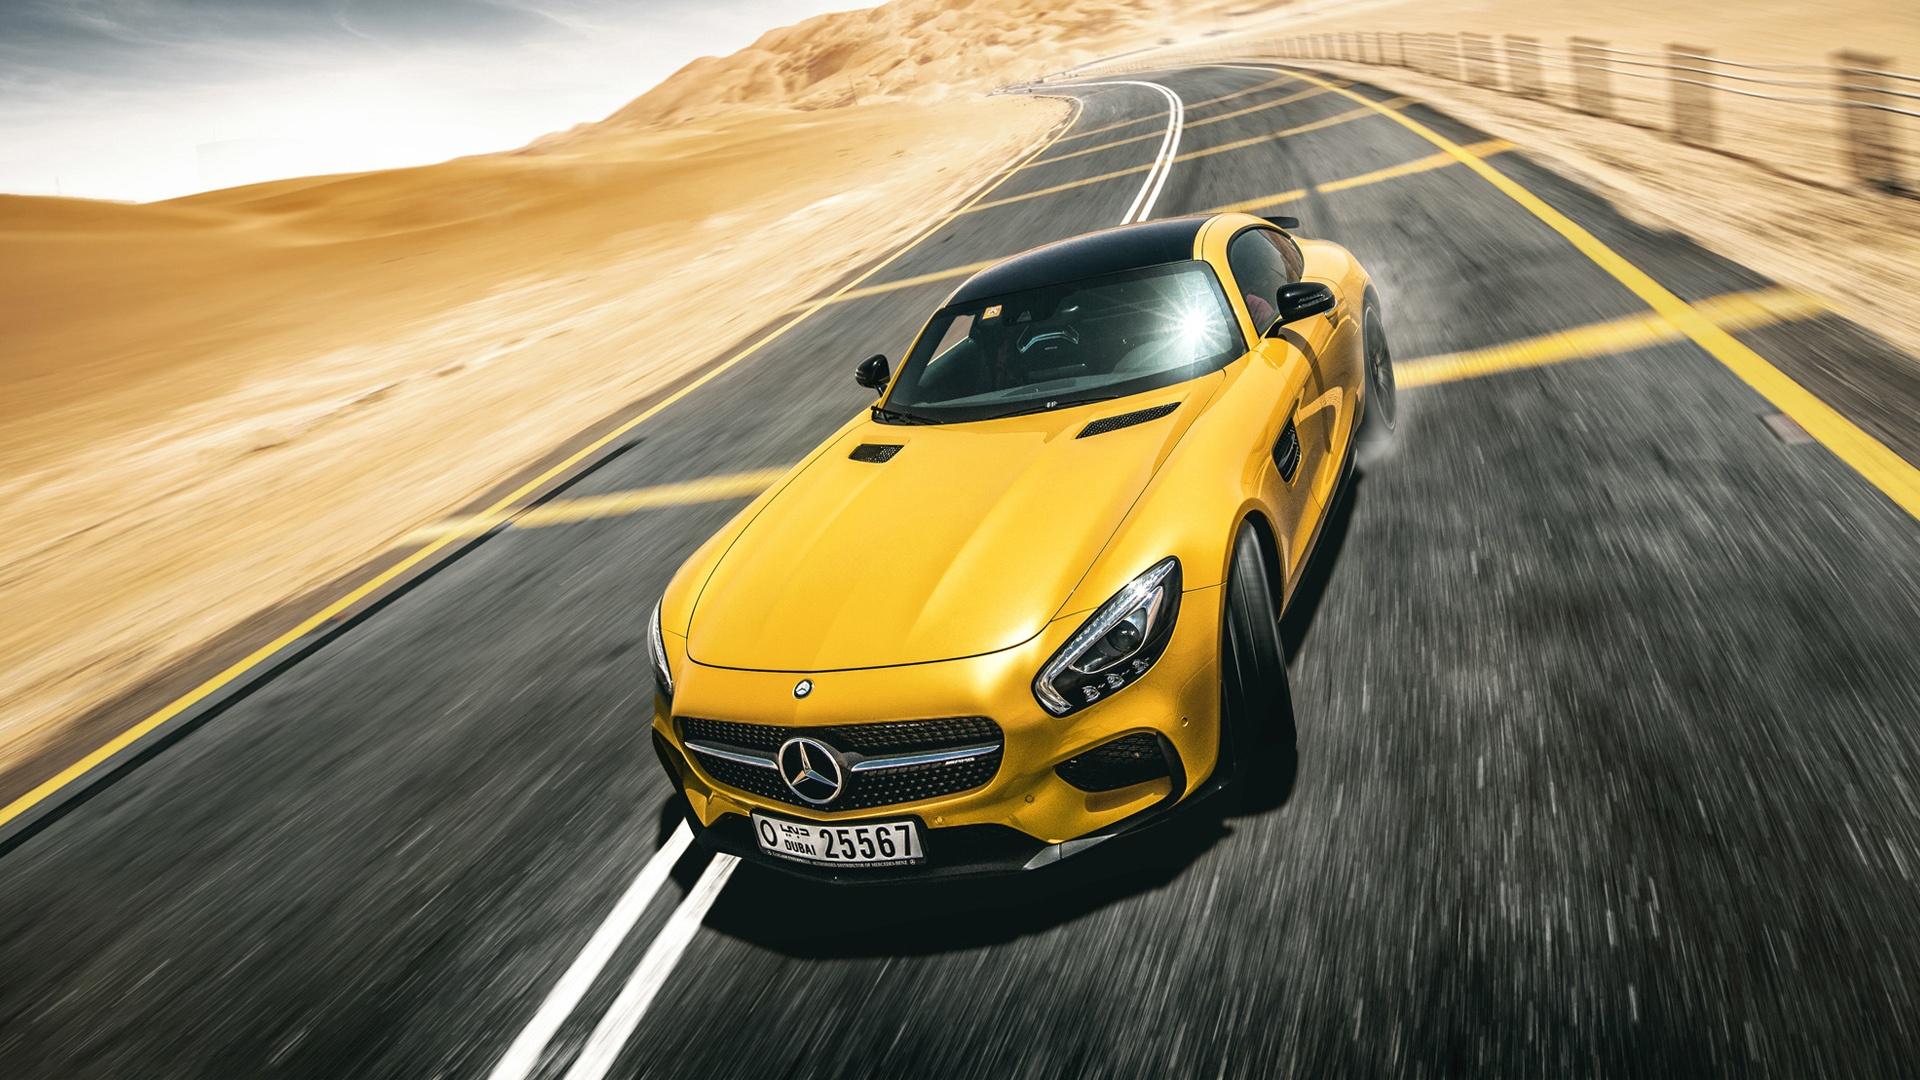 汽车天下,奔驰,速度,黄色跑车